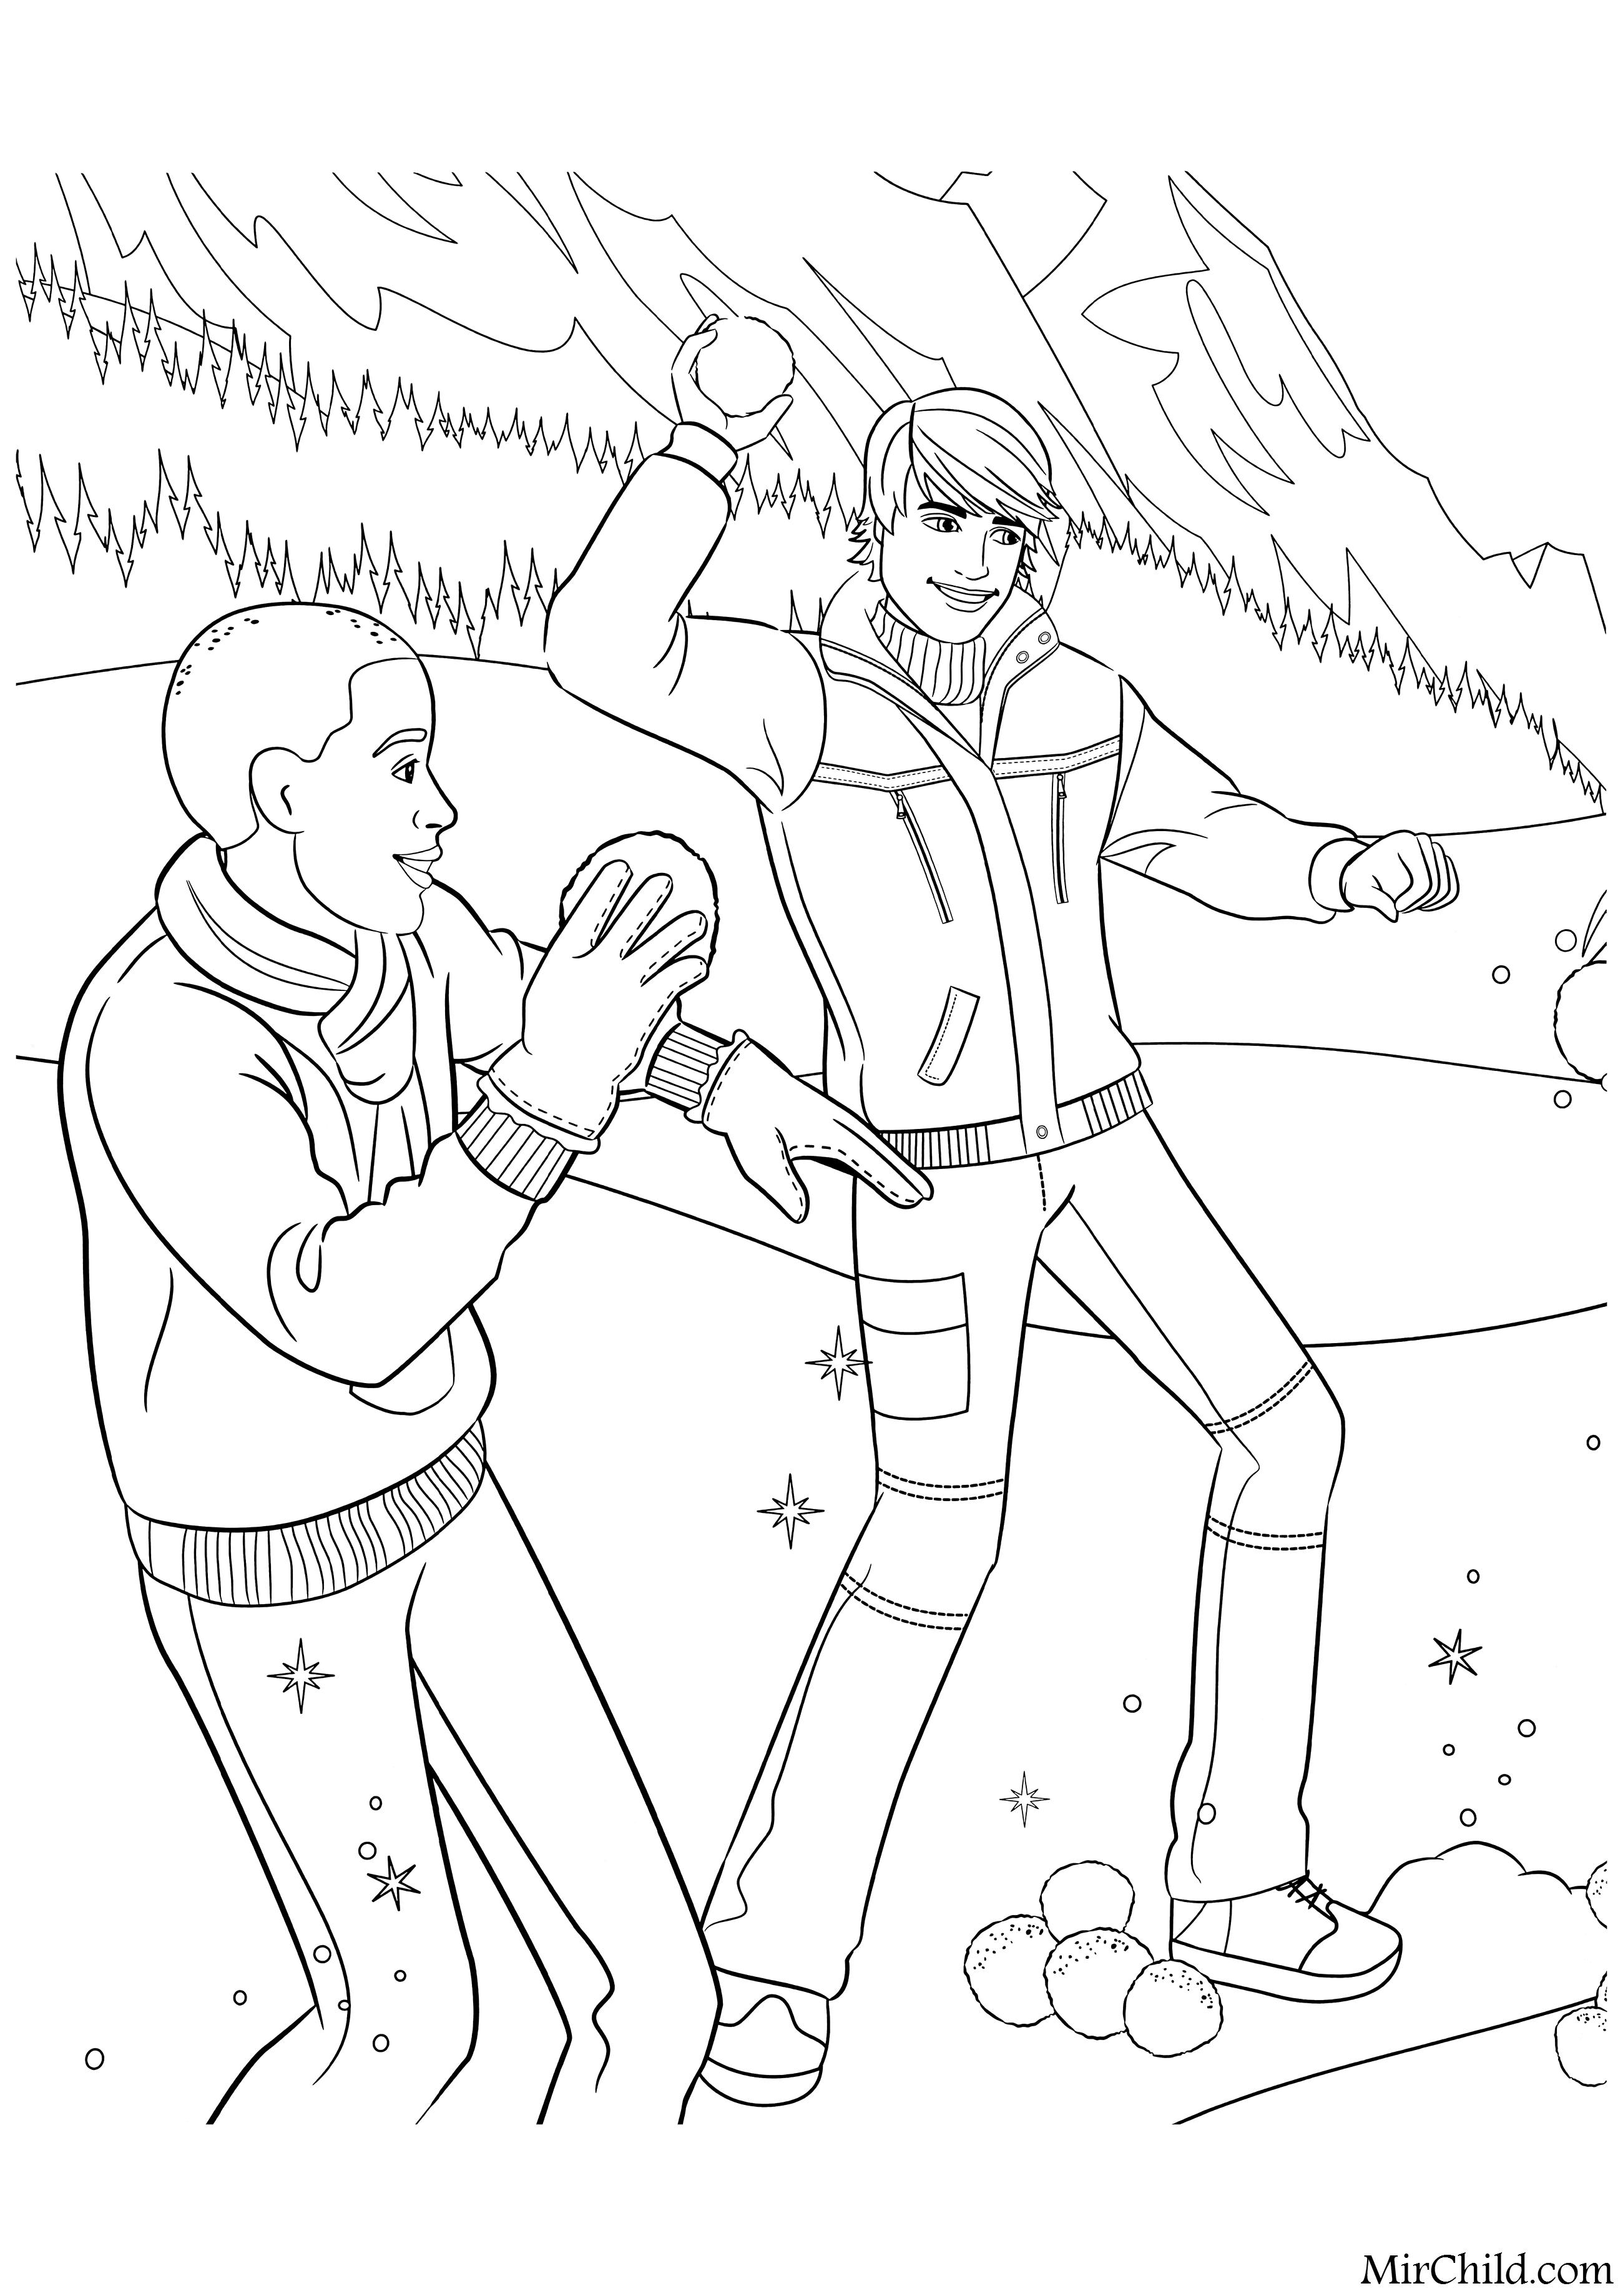 Раскраска - Барби - Кен c другом играют в снежки | MirChild